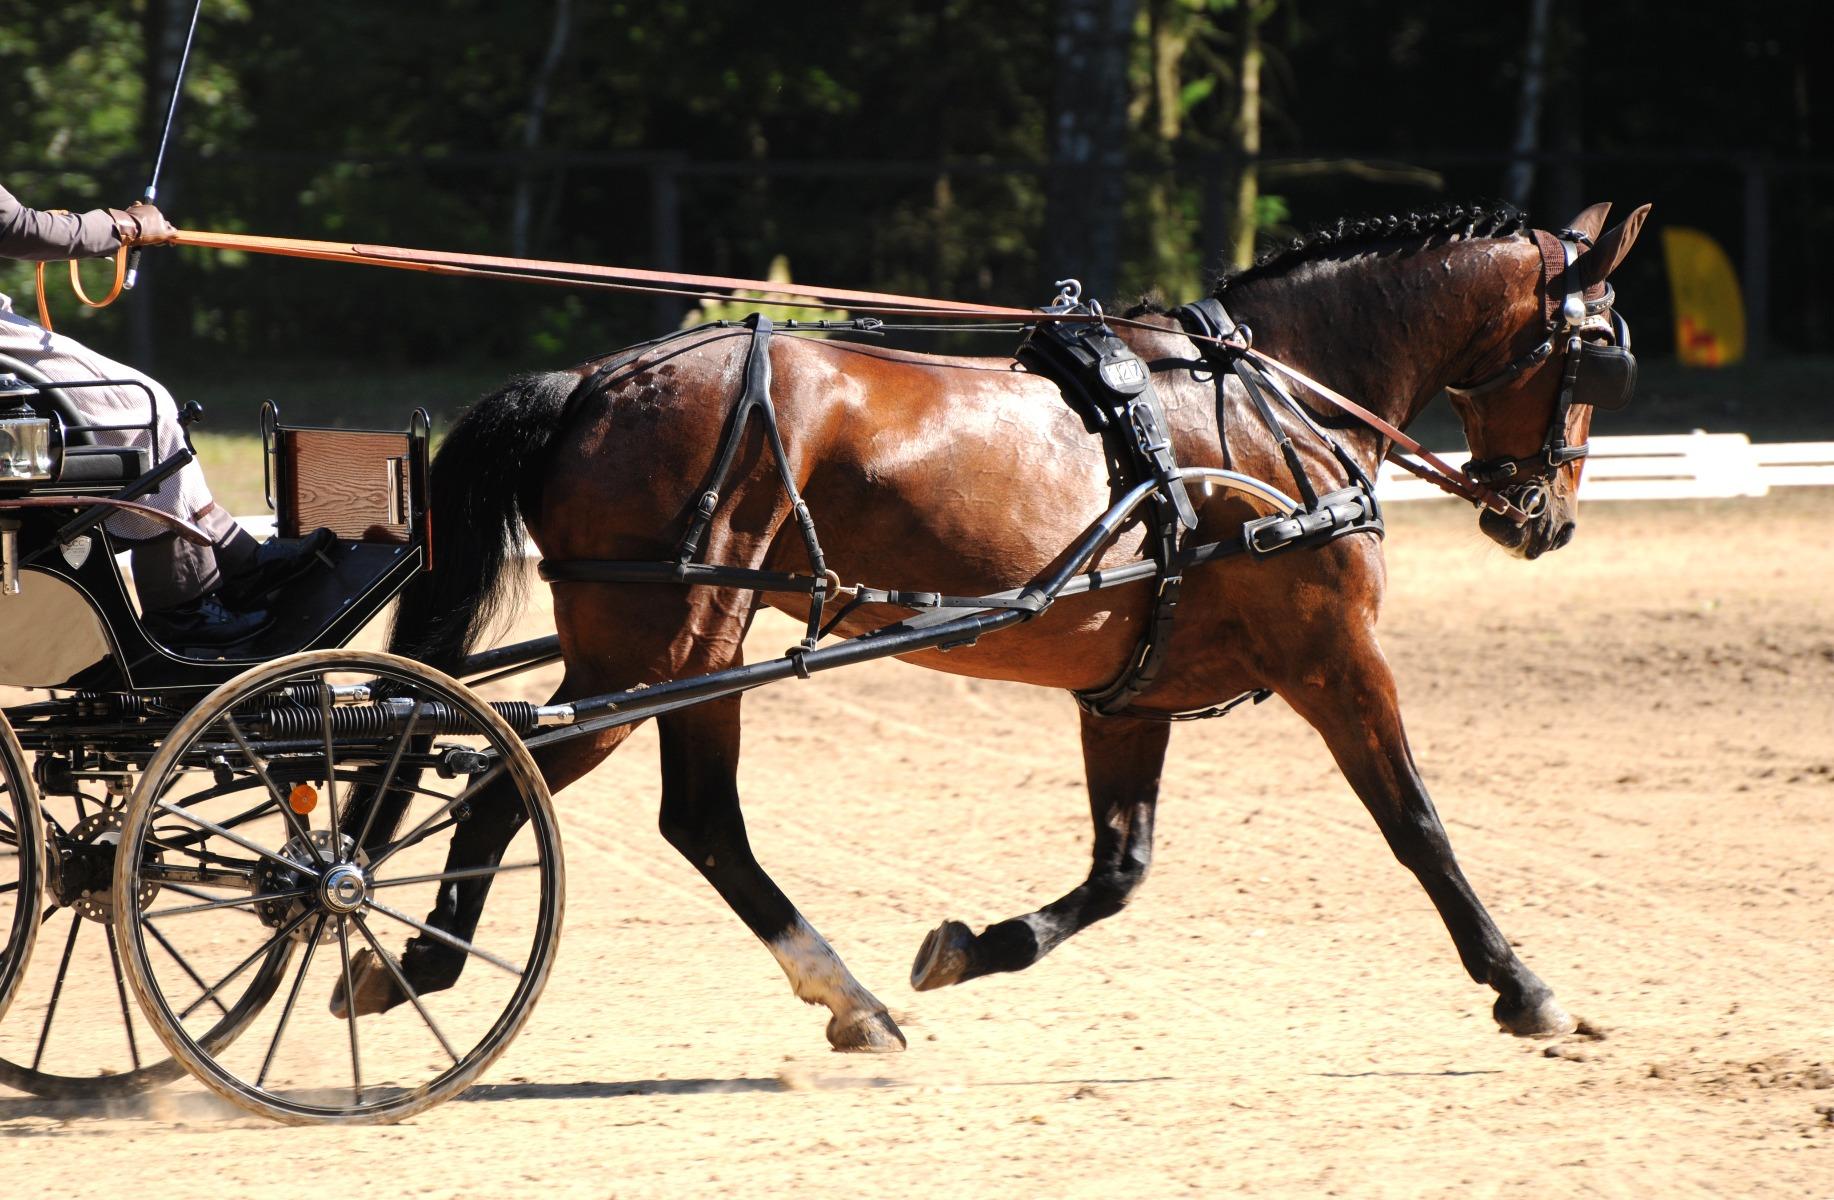 Stübben, Reiter, Pferd, Sattel, Geschirr, Geschirrmacher, reiten